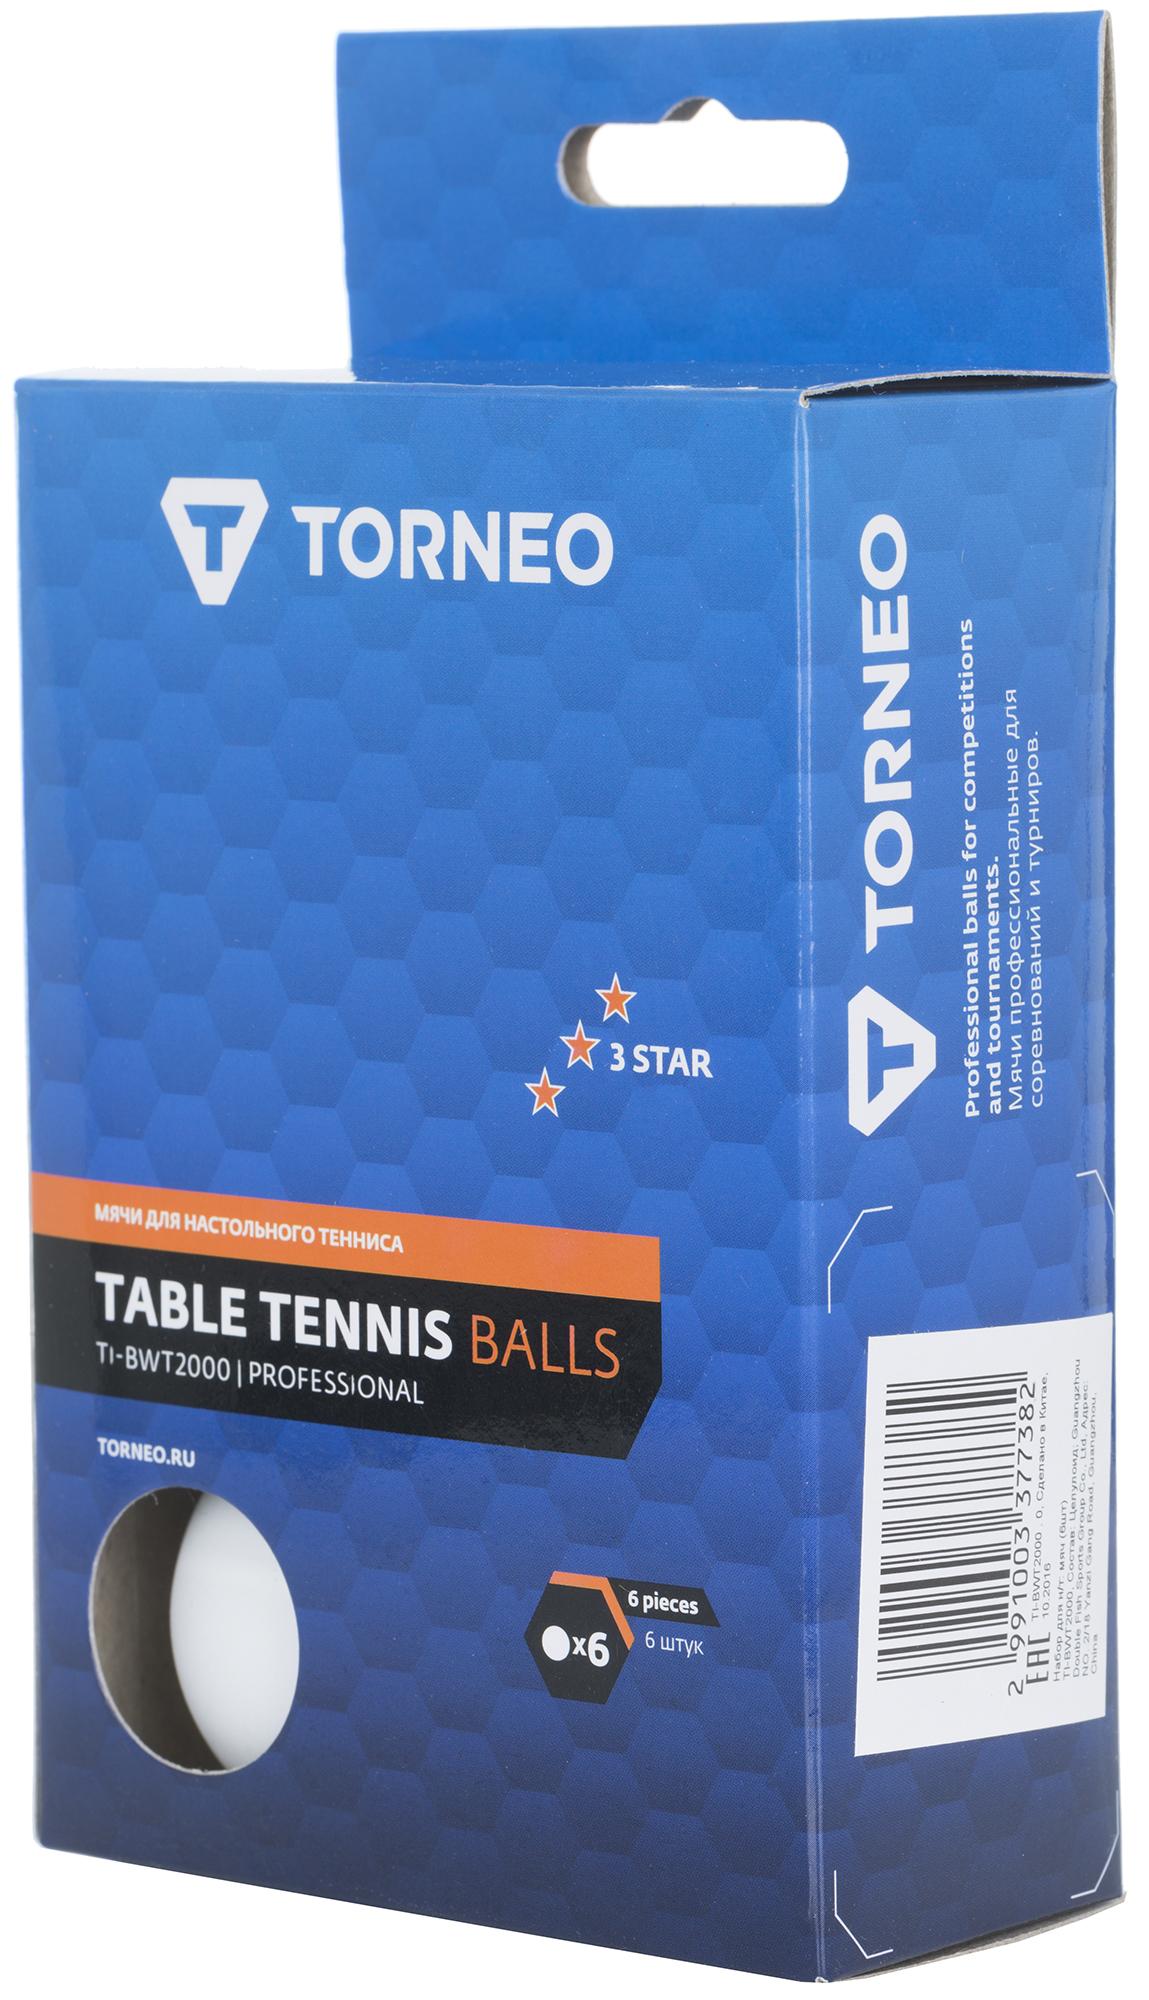 все цены на Torneo Мячи для настольного тенниса Torneo, 6 шт., размер Без размера